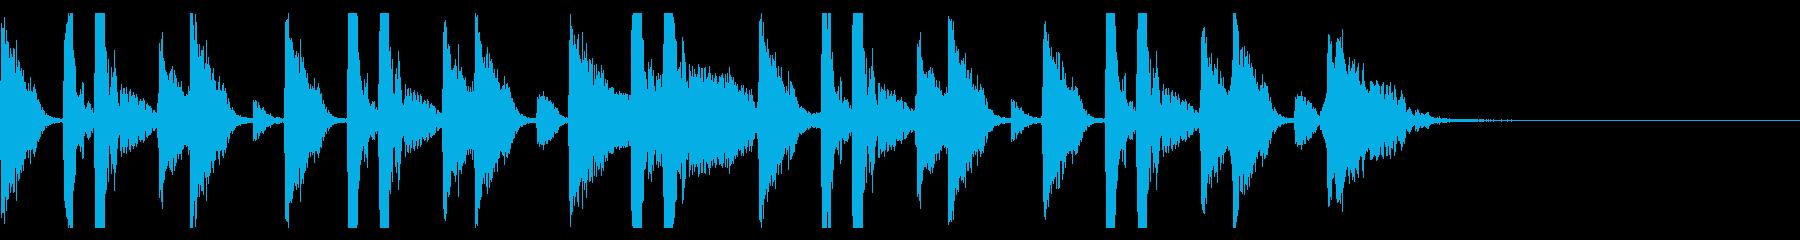 聴いたことある洋楽ドラムの音の再生済みの波形